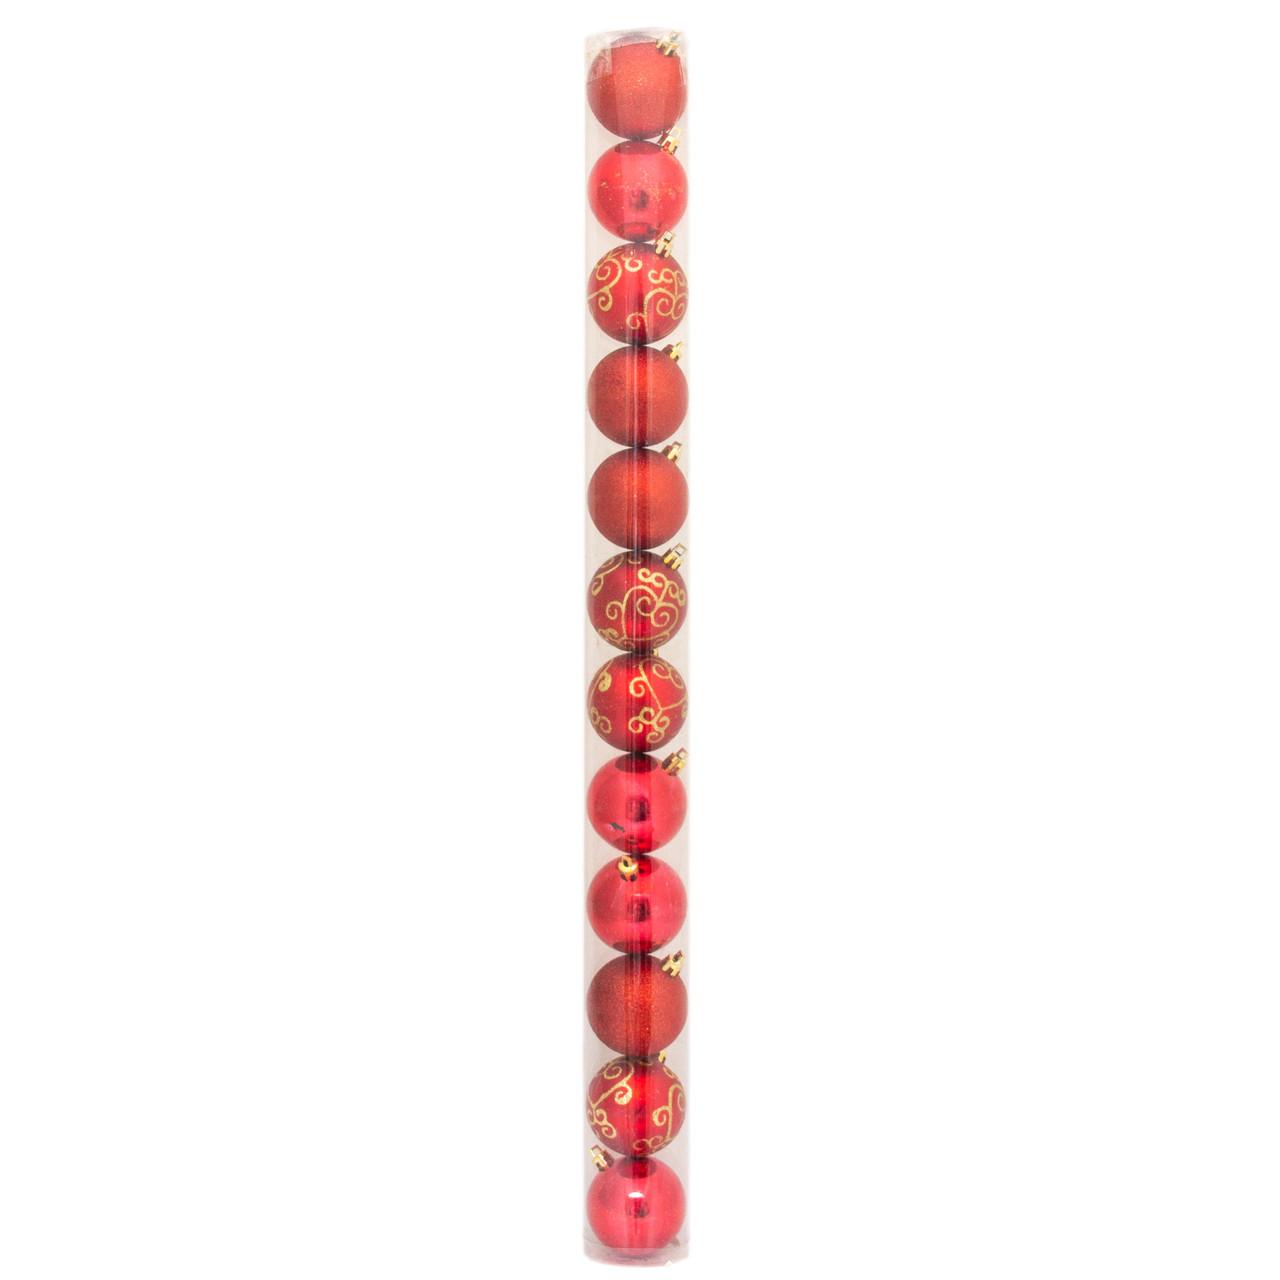 Набор елочных игрушек - шары в тубе, 12 шт, D6 см, красный, микс, пластик (030200-3)